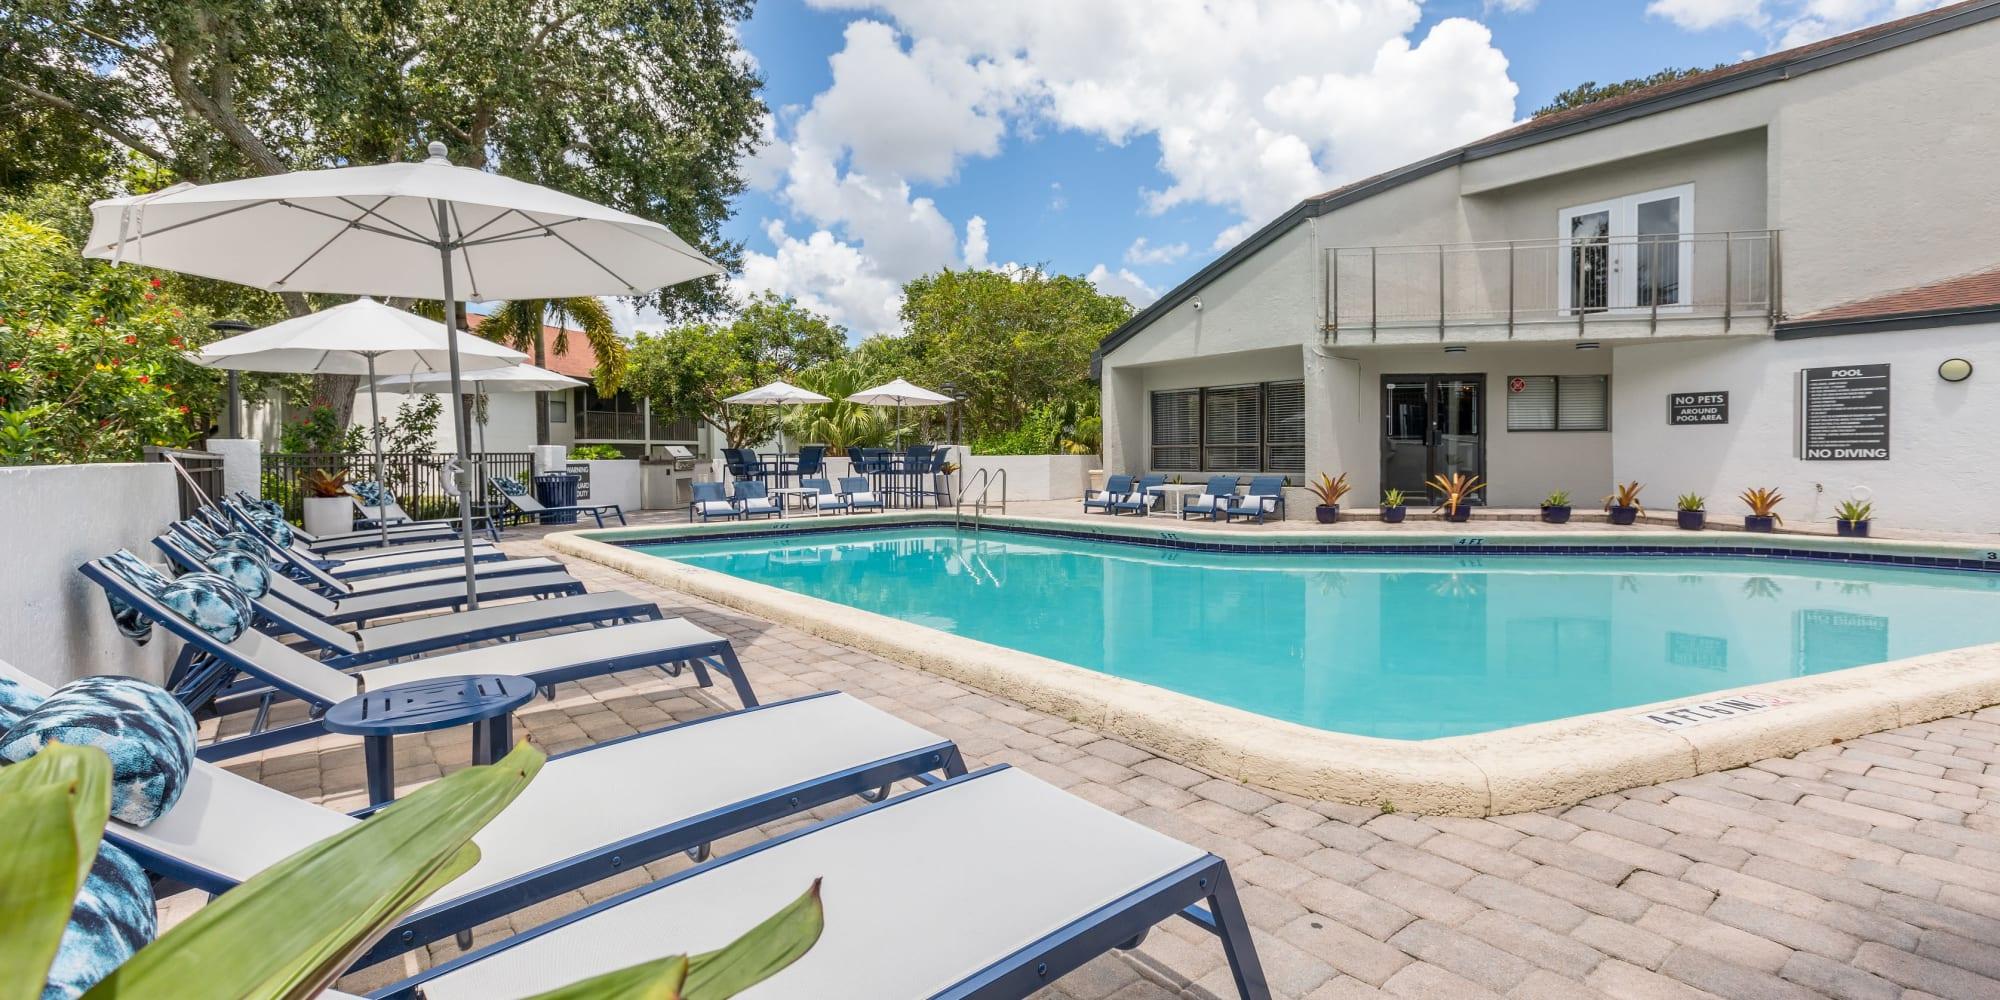 Apartments at Siena Apartments in Plantation, Florida